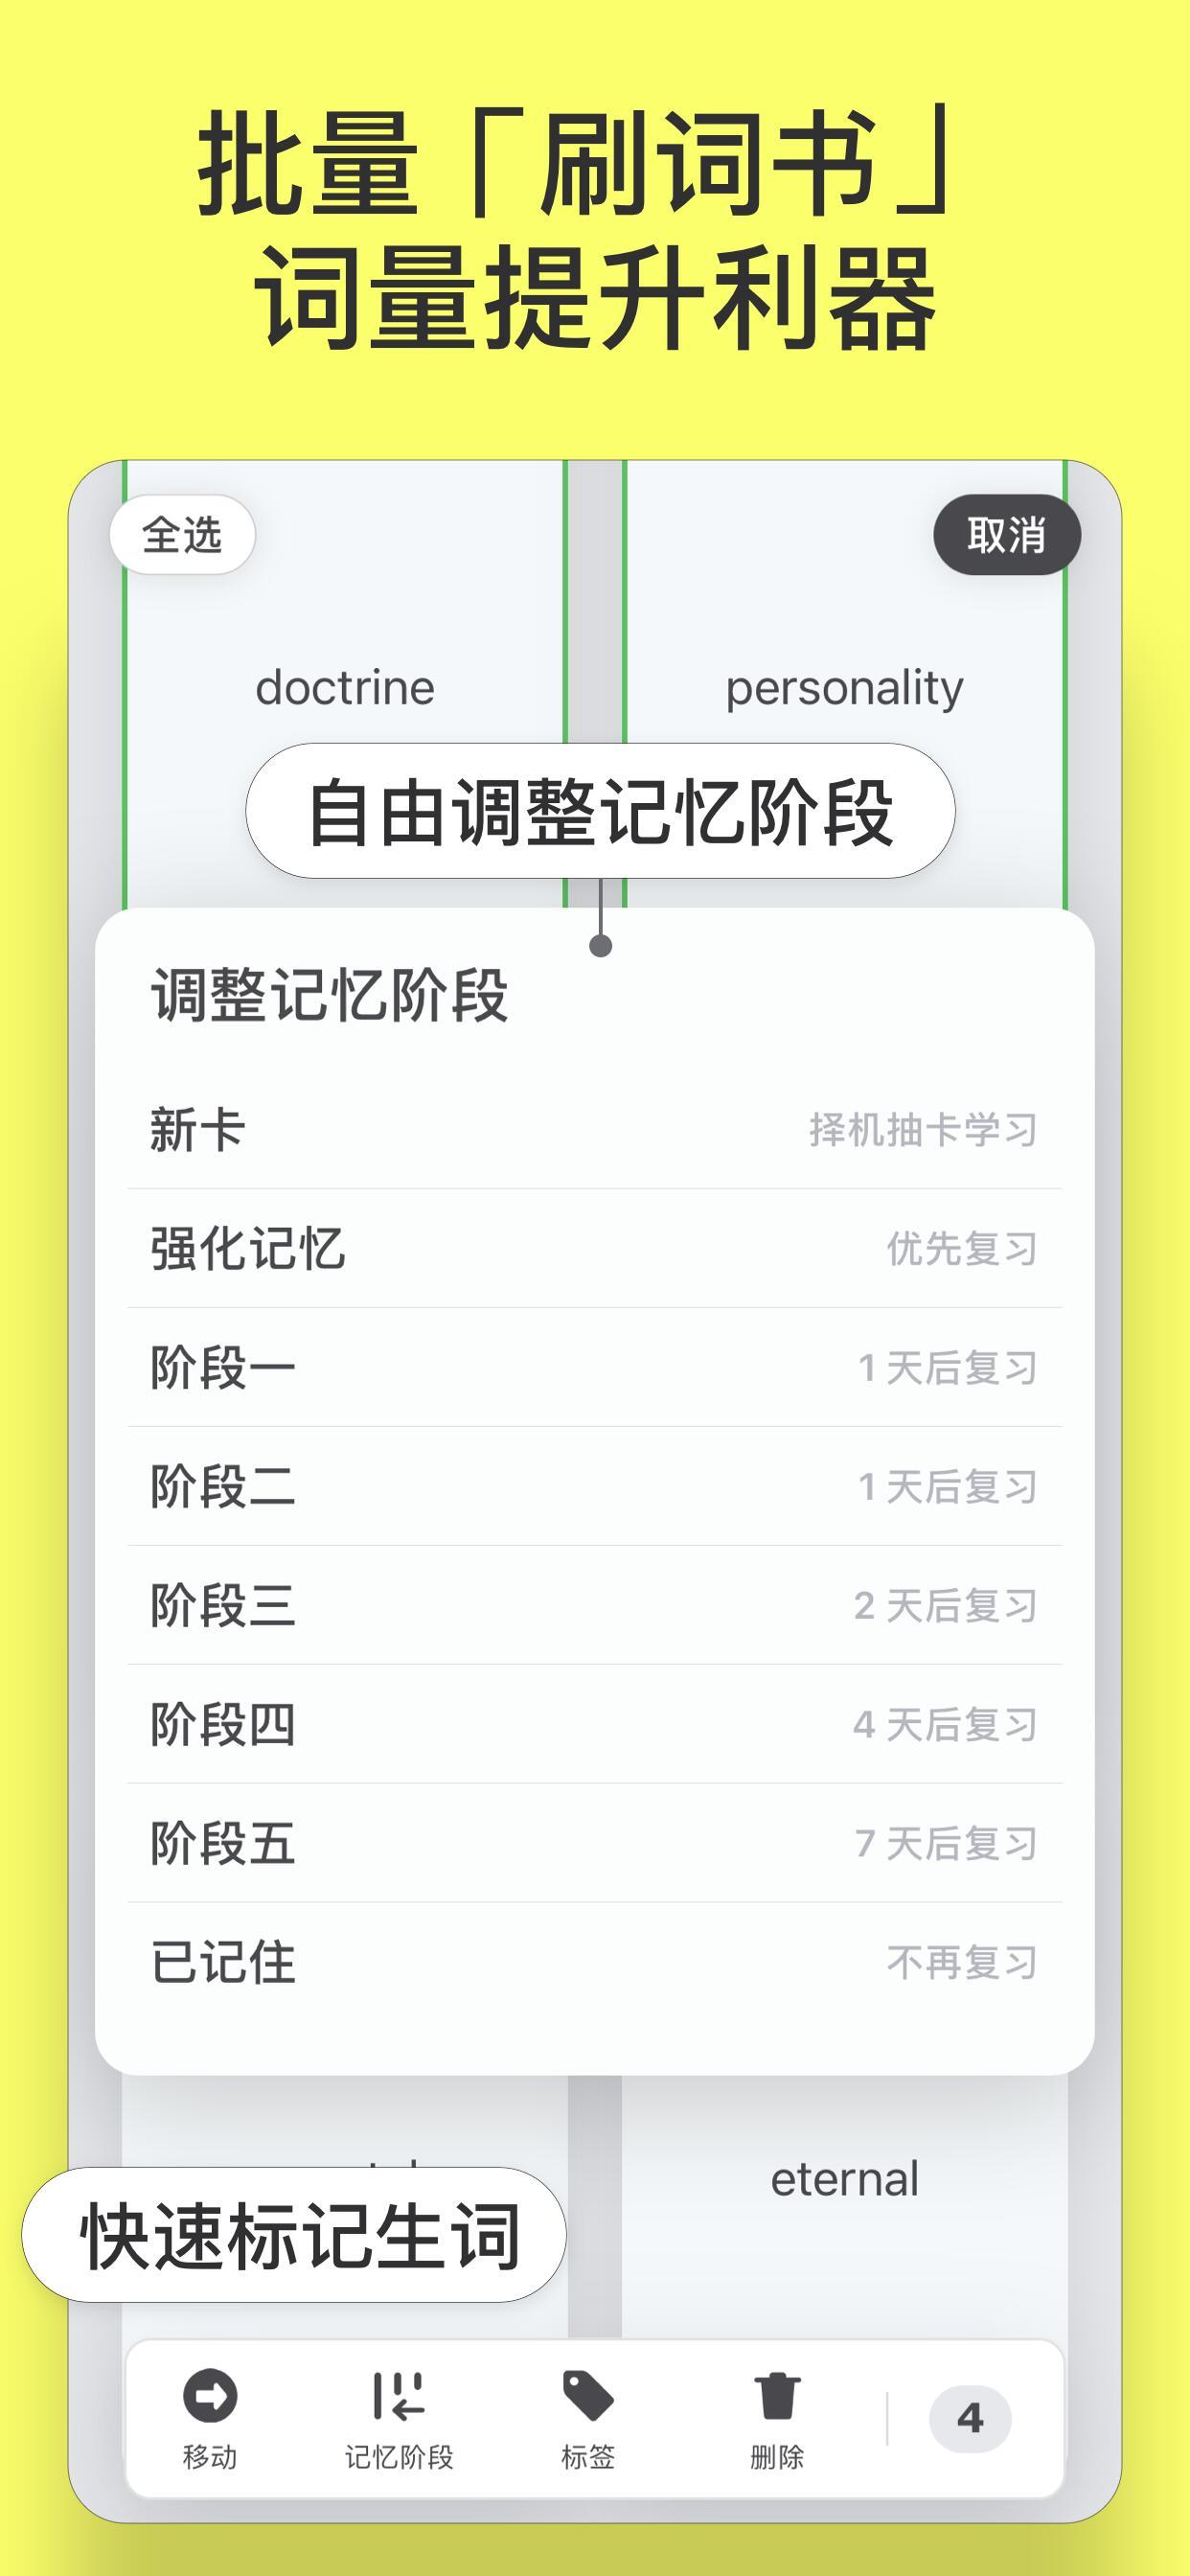 闪卡 - 卡片式记忆应用,自带 69 组海量学习卡片资源[iPhone/iPad/Mac] 3